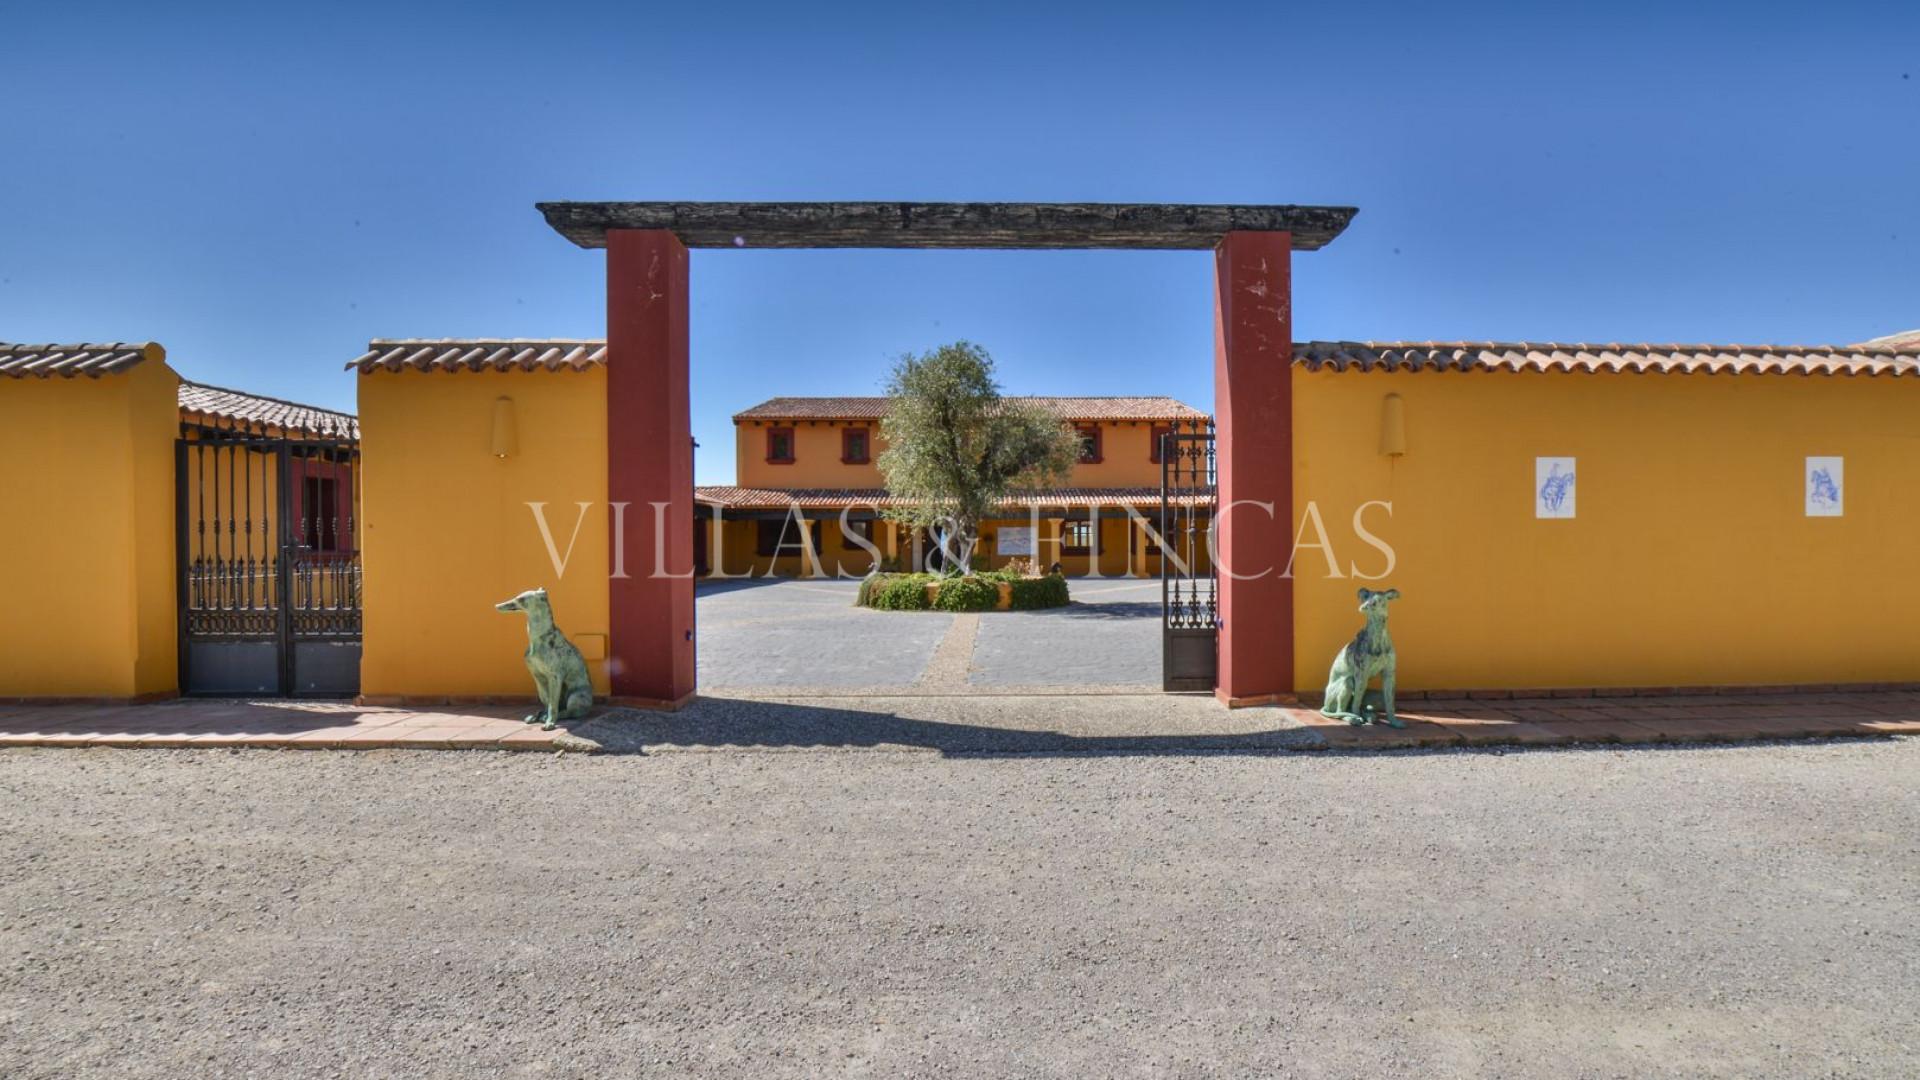 Cortijo till salu i Casares Montaña, Casares